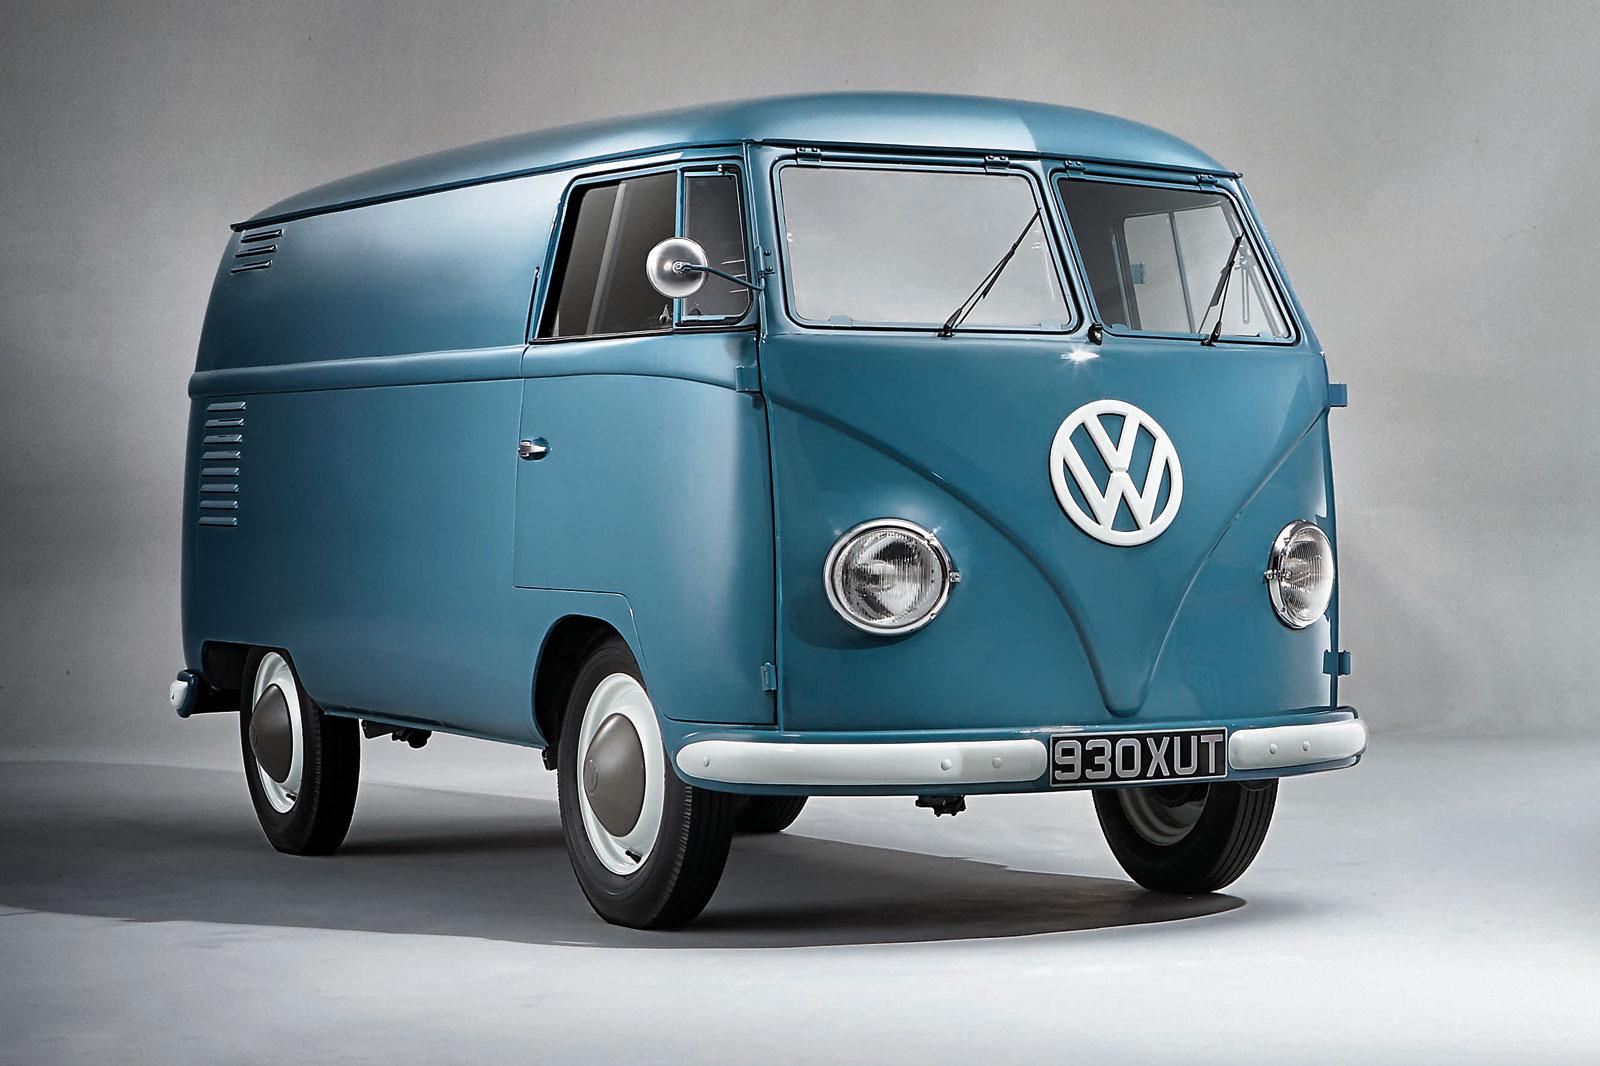 Sixth-gen Volkswagen Transporter previewed in design render - Car ...